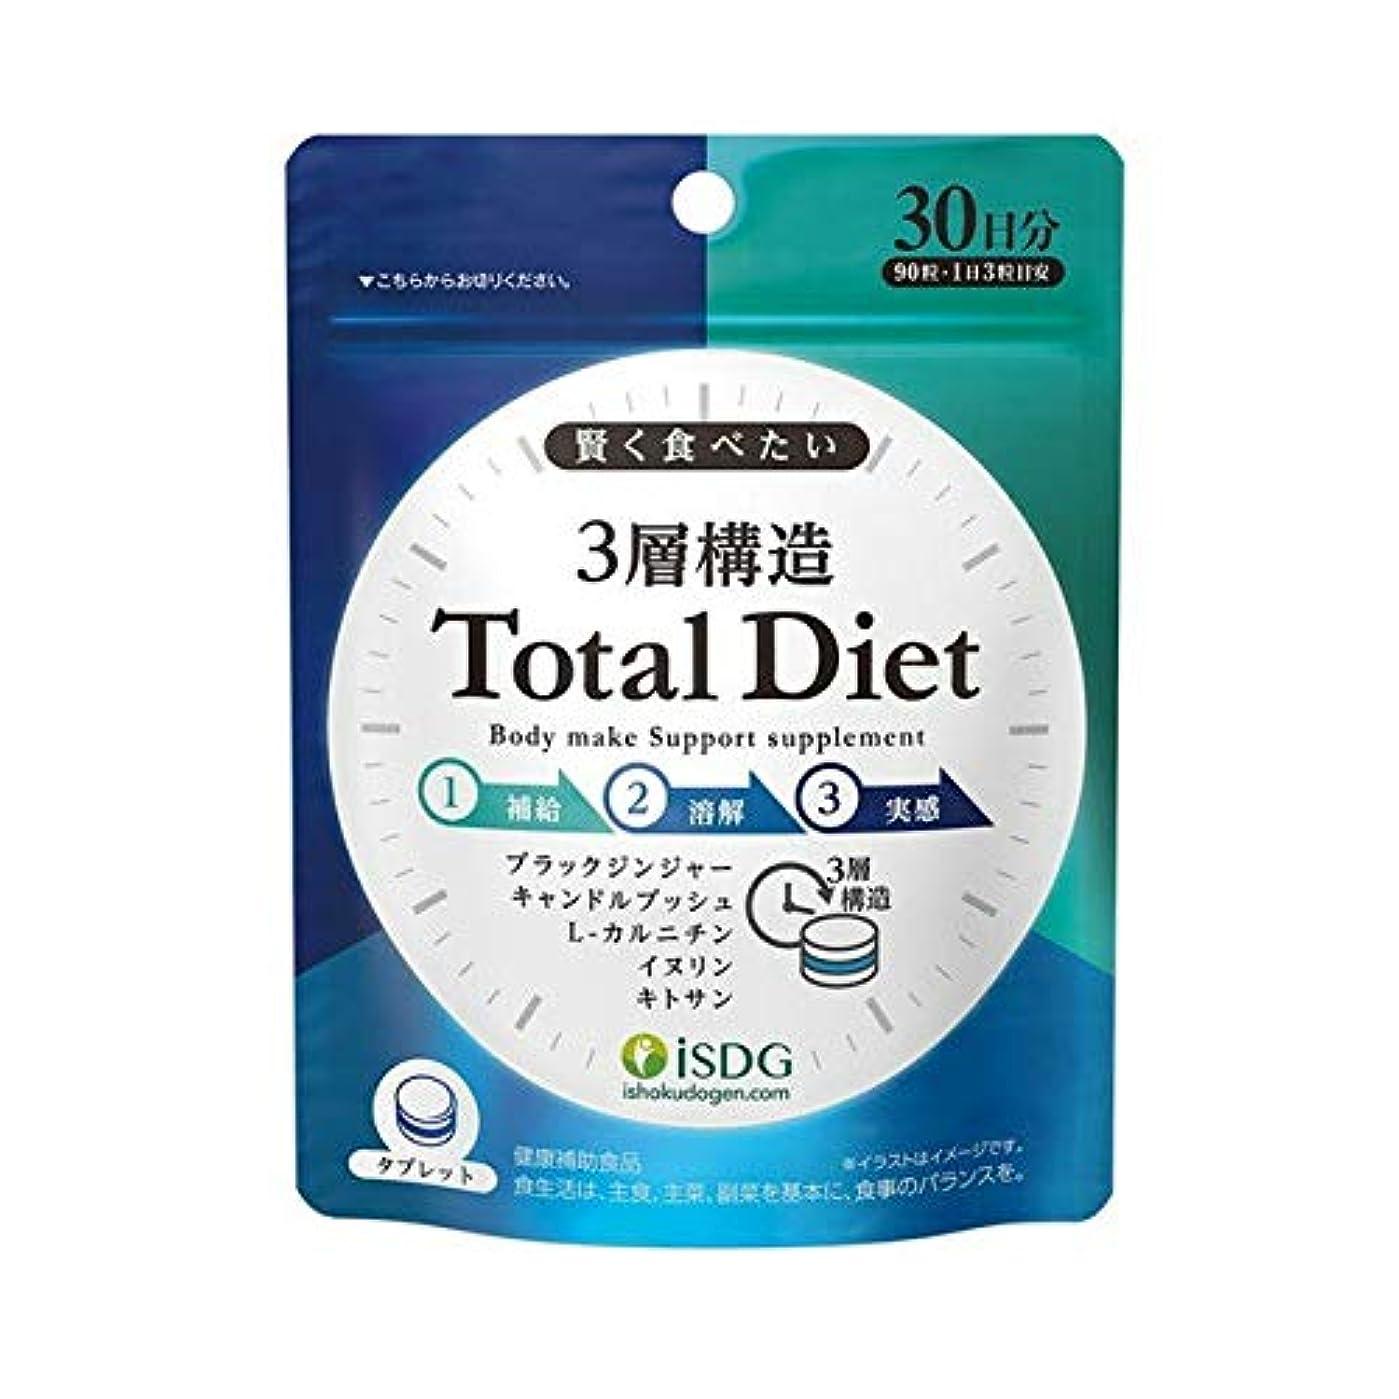 韻モードリン脅威医食同源ドットコム ISDG 3層構造 Total Diet 90粒入 トータル ダイエット×3個セット